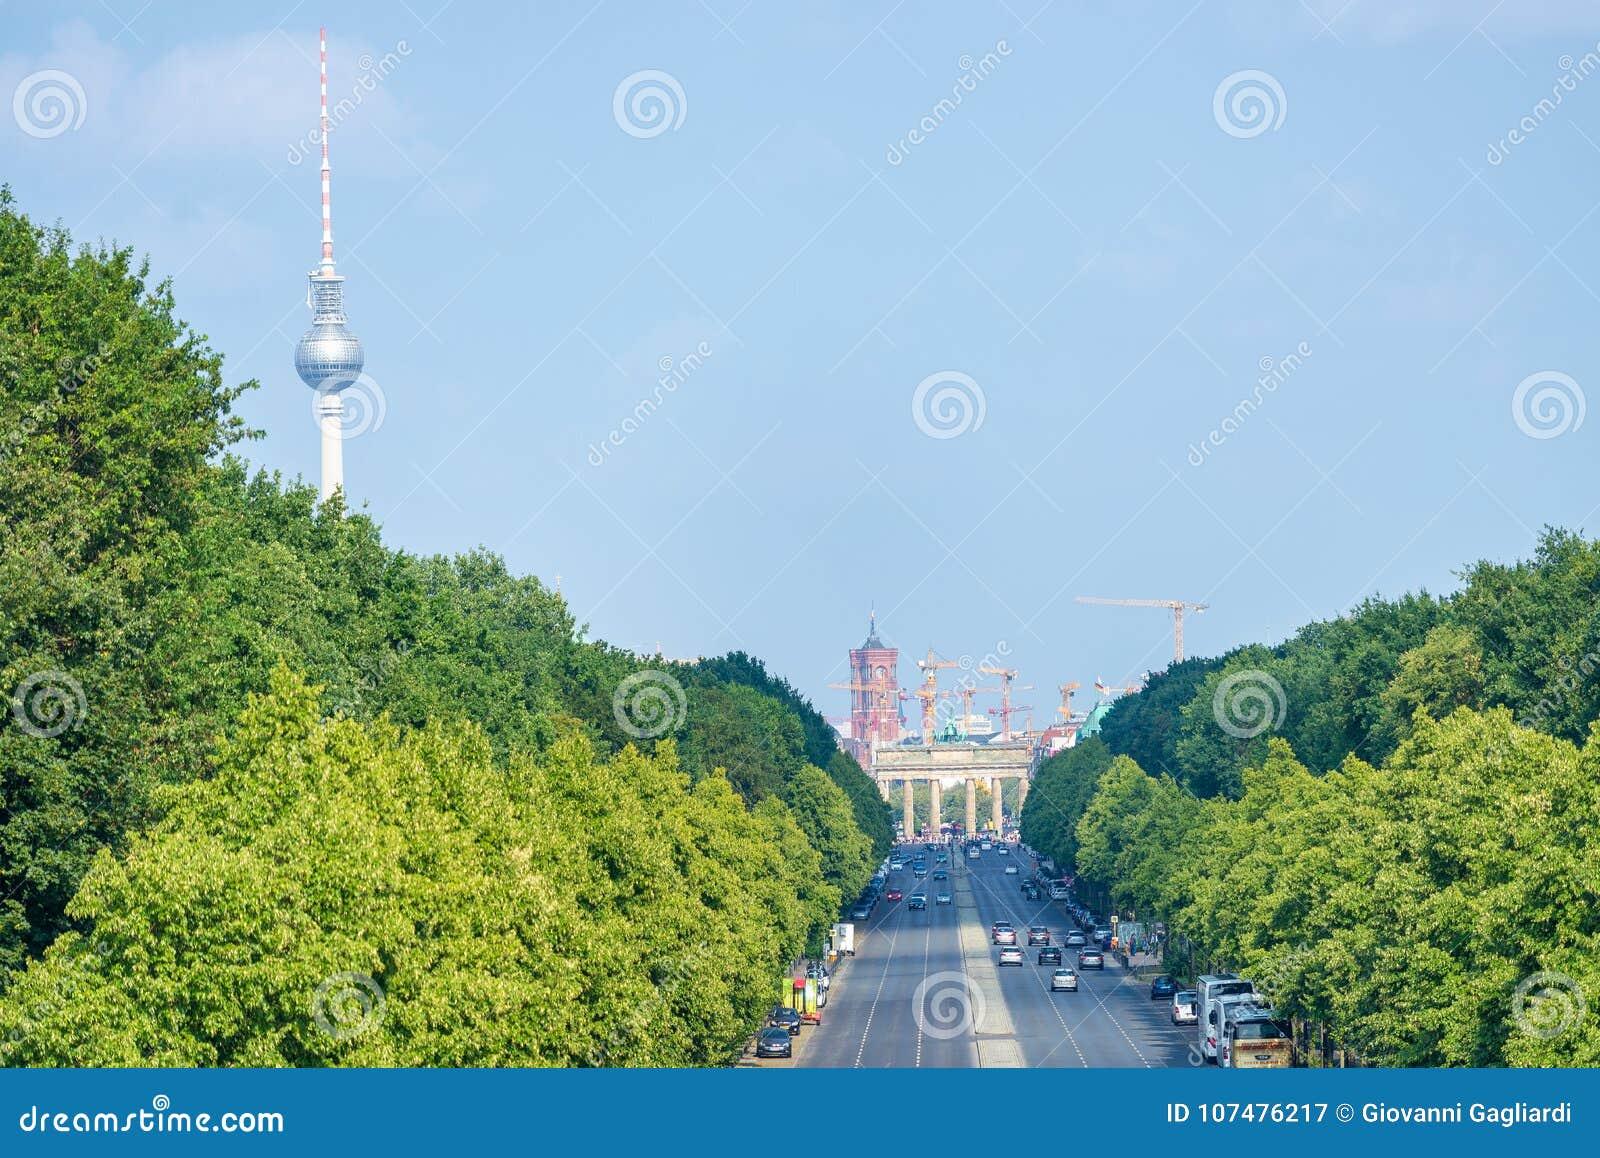 BERLIM, ALEMANHA - 24 DE JULHO DE 2016: Skyline da cidade ao longo da avenida longa,